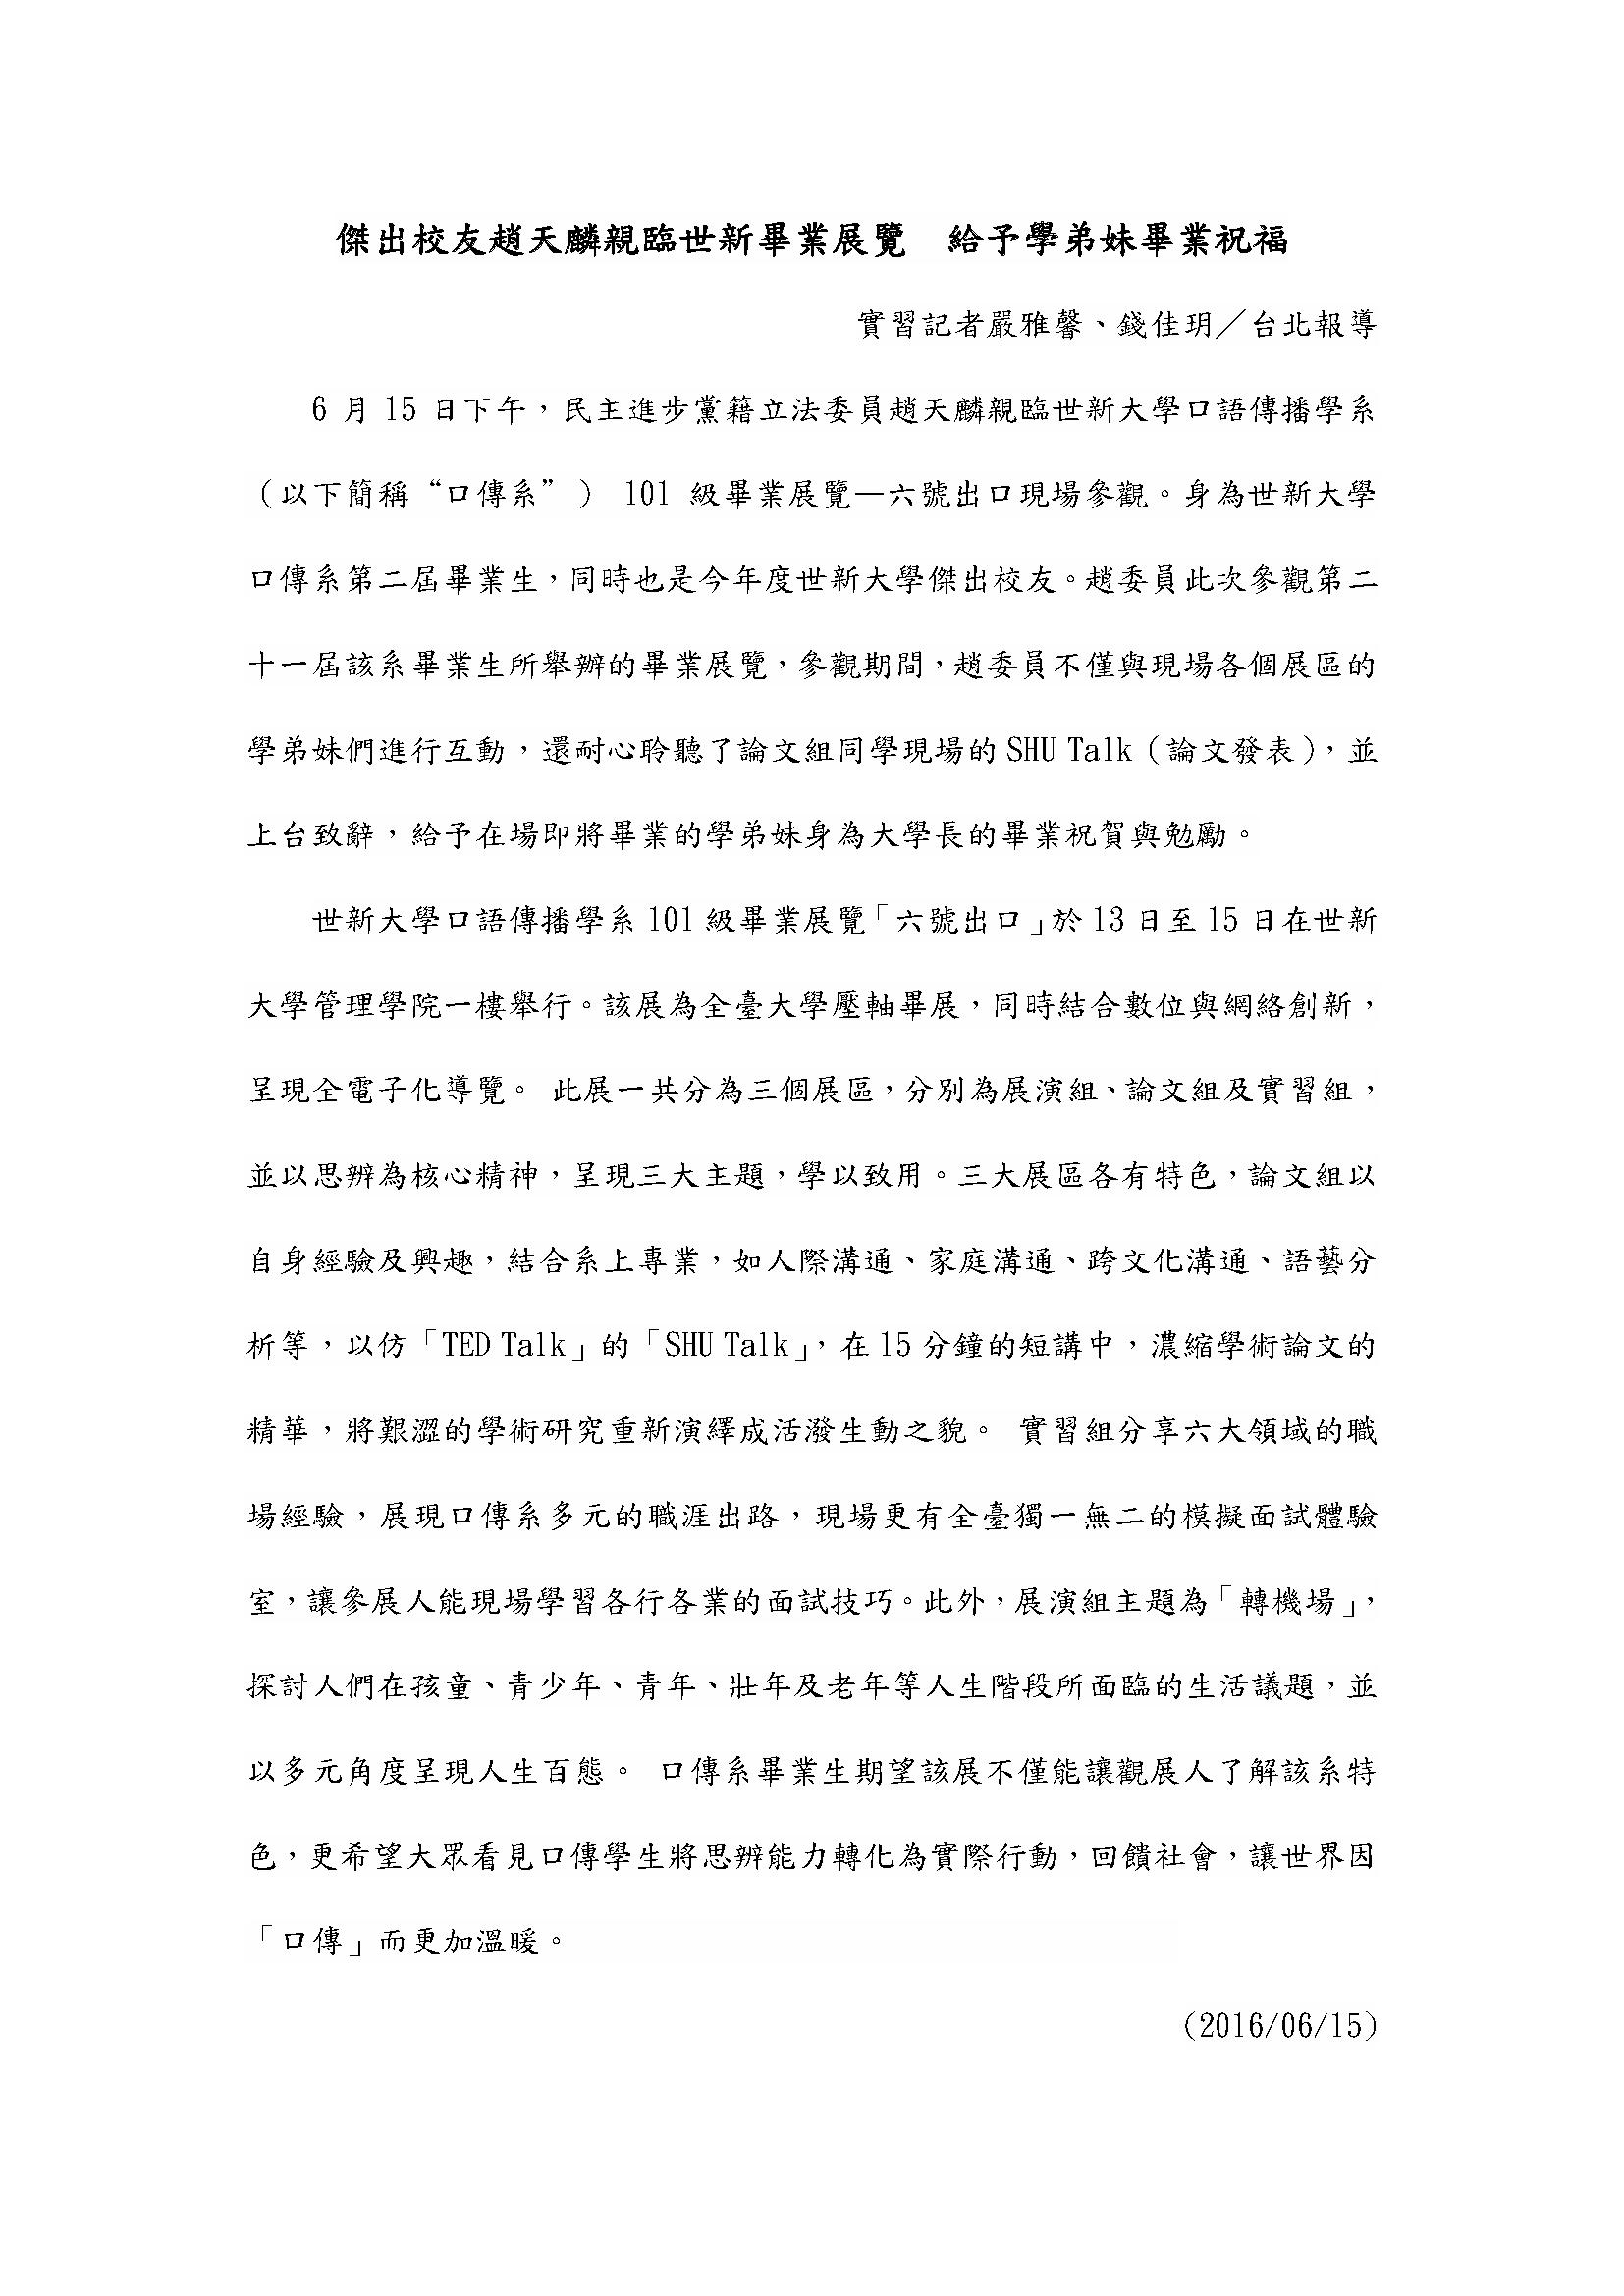 新聞稿-2